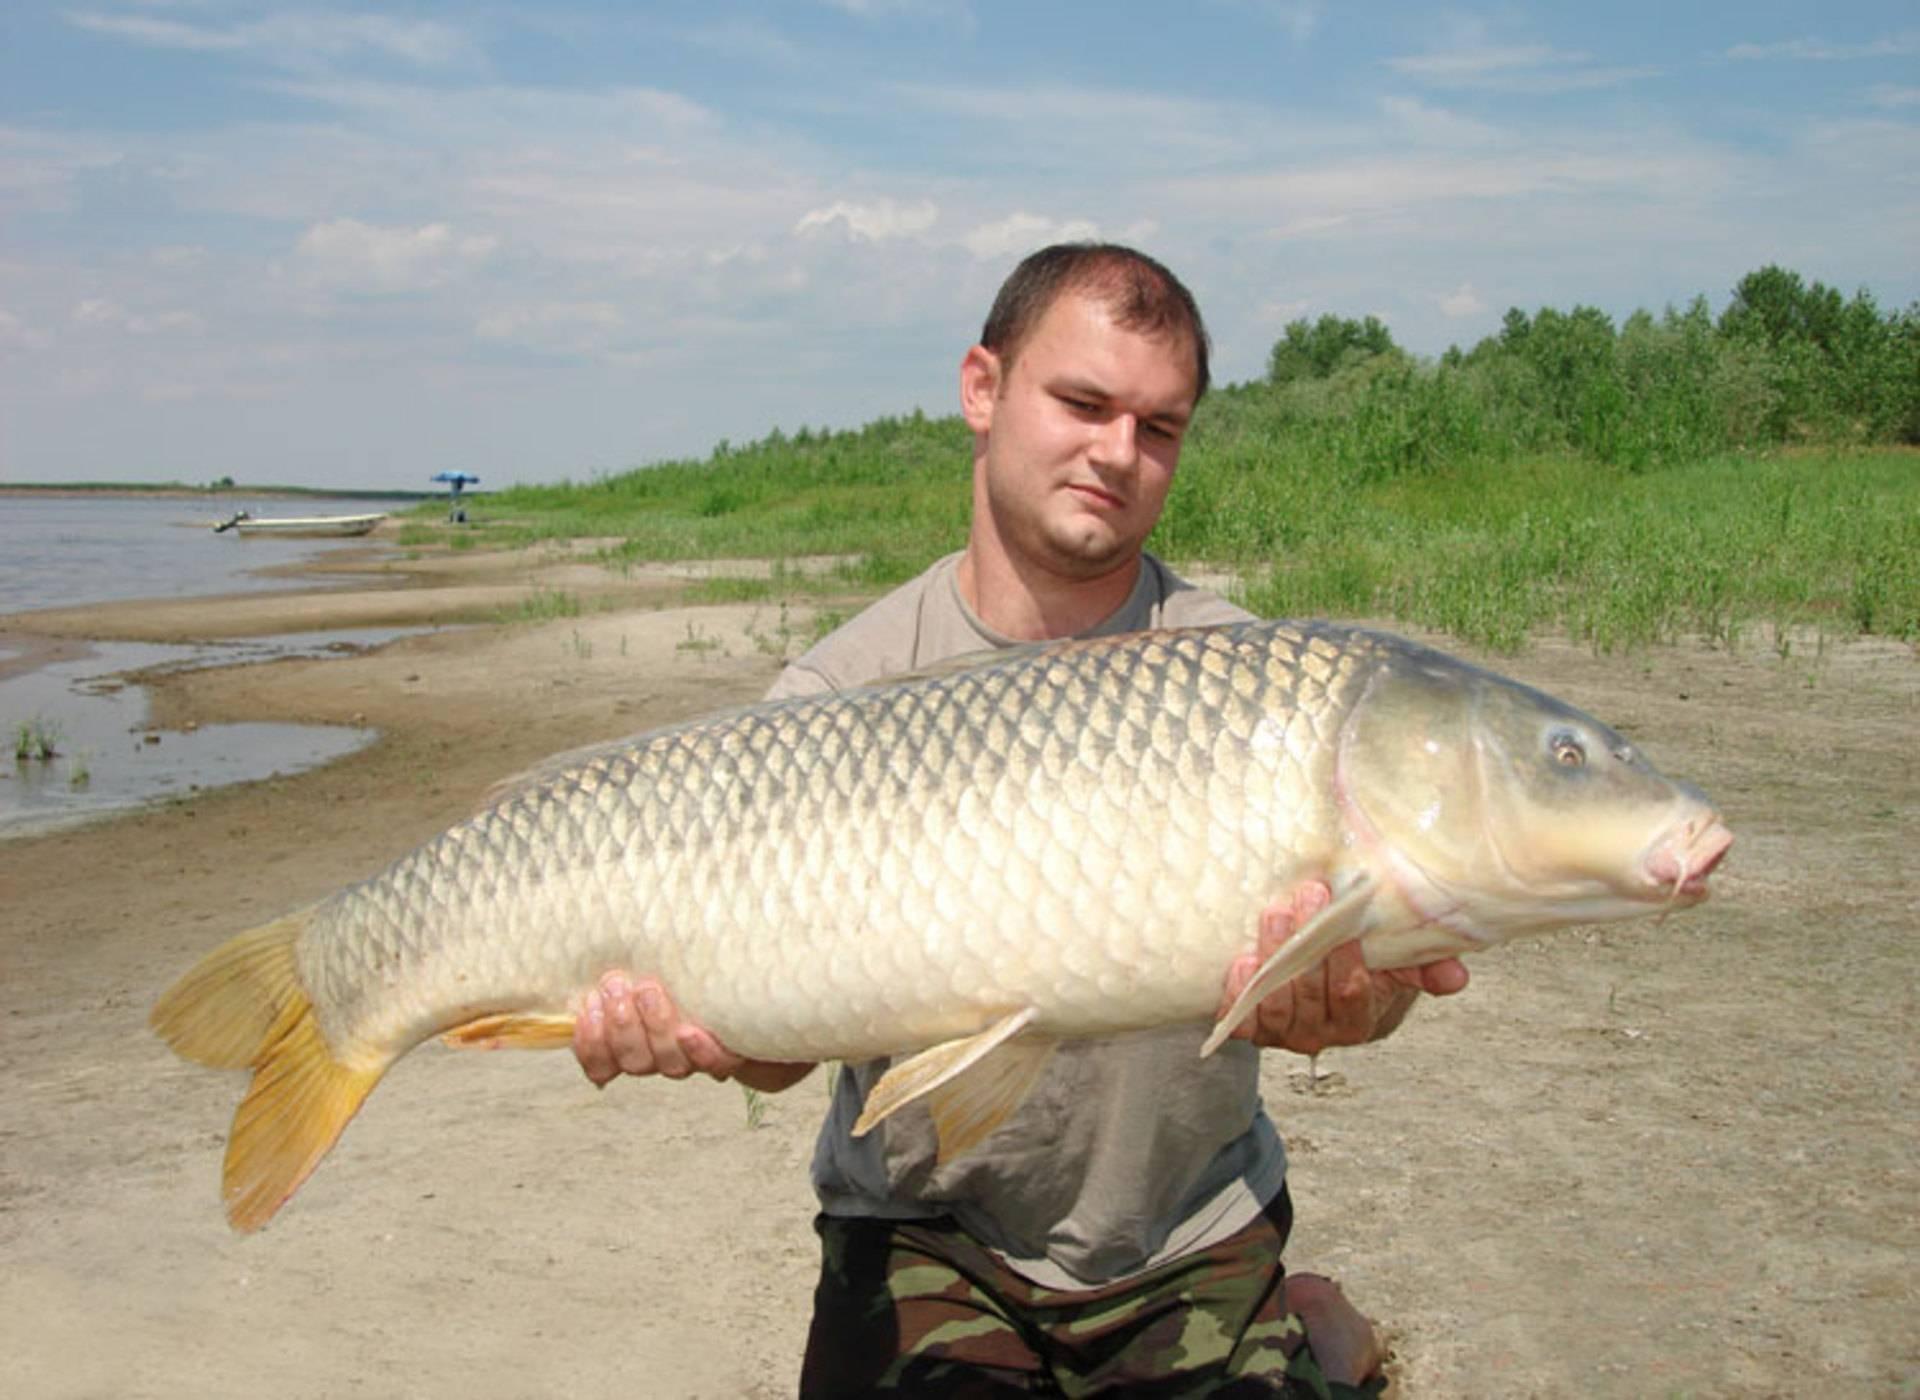 Рыбалка на сазан (карпа)  -  способы ловли, где искать, чем и на что ловить рыбу